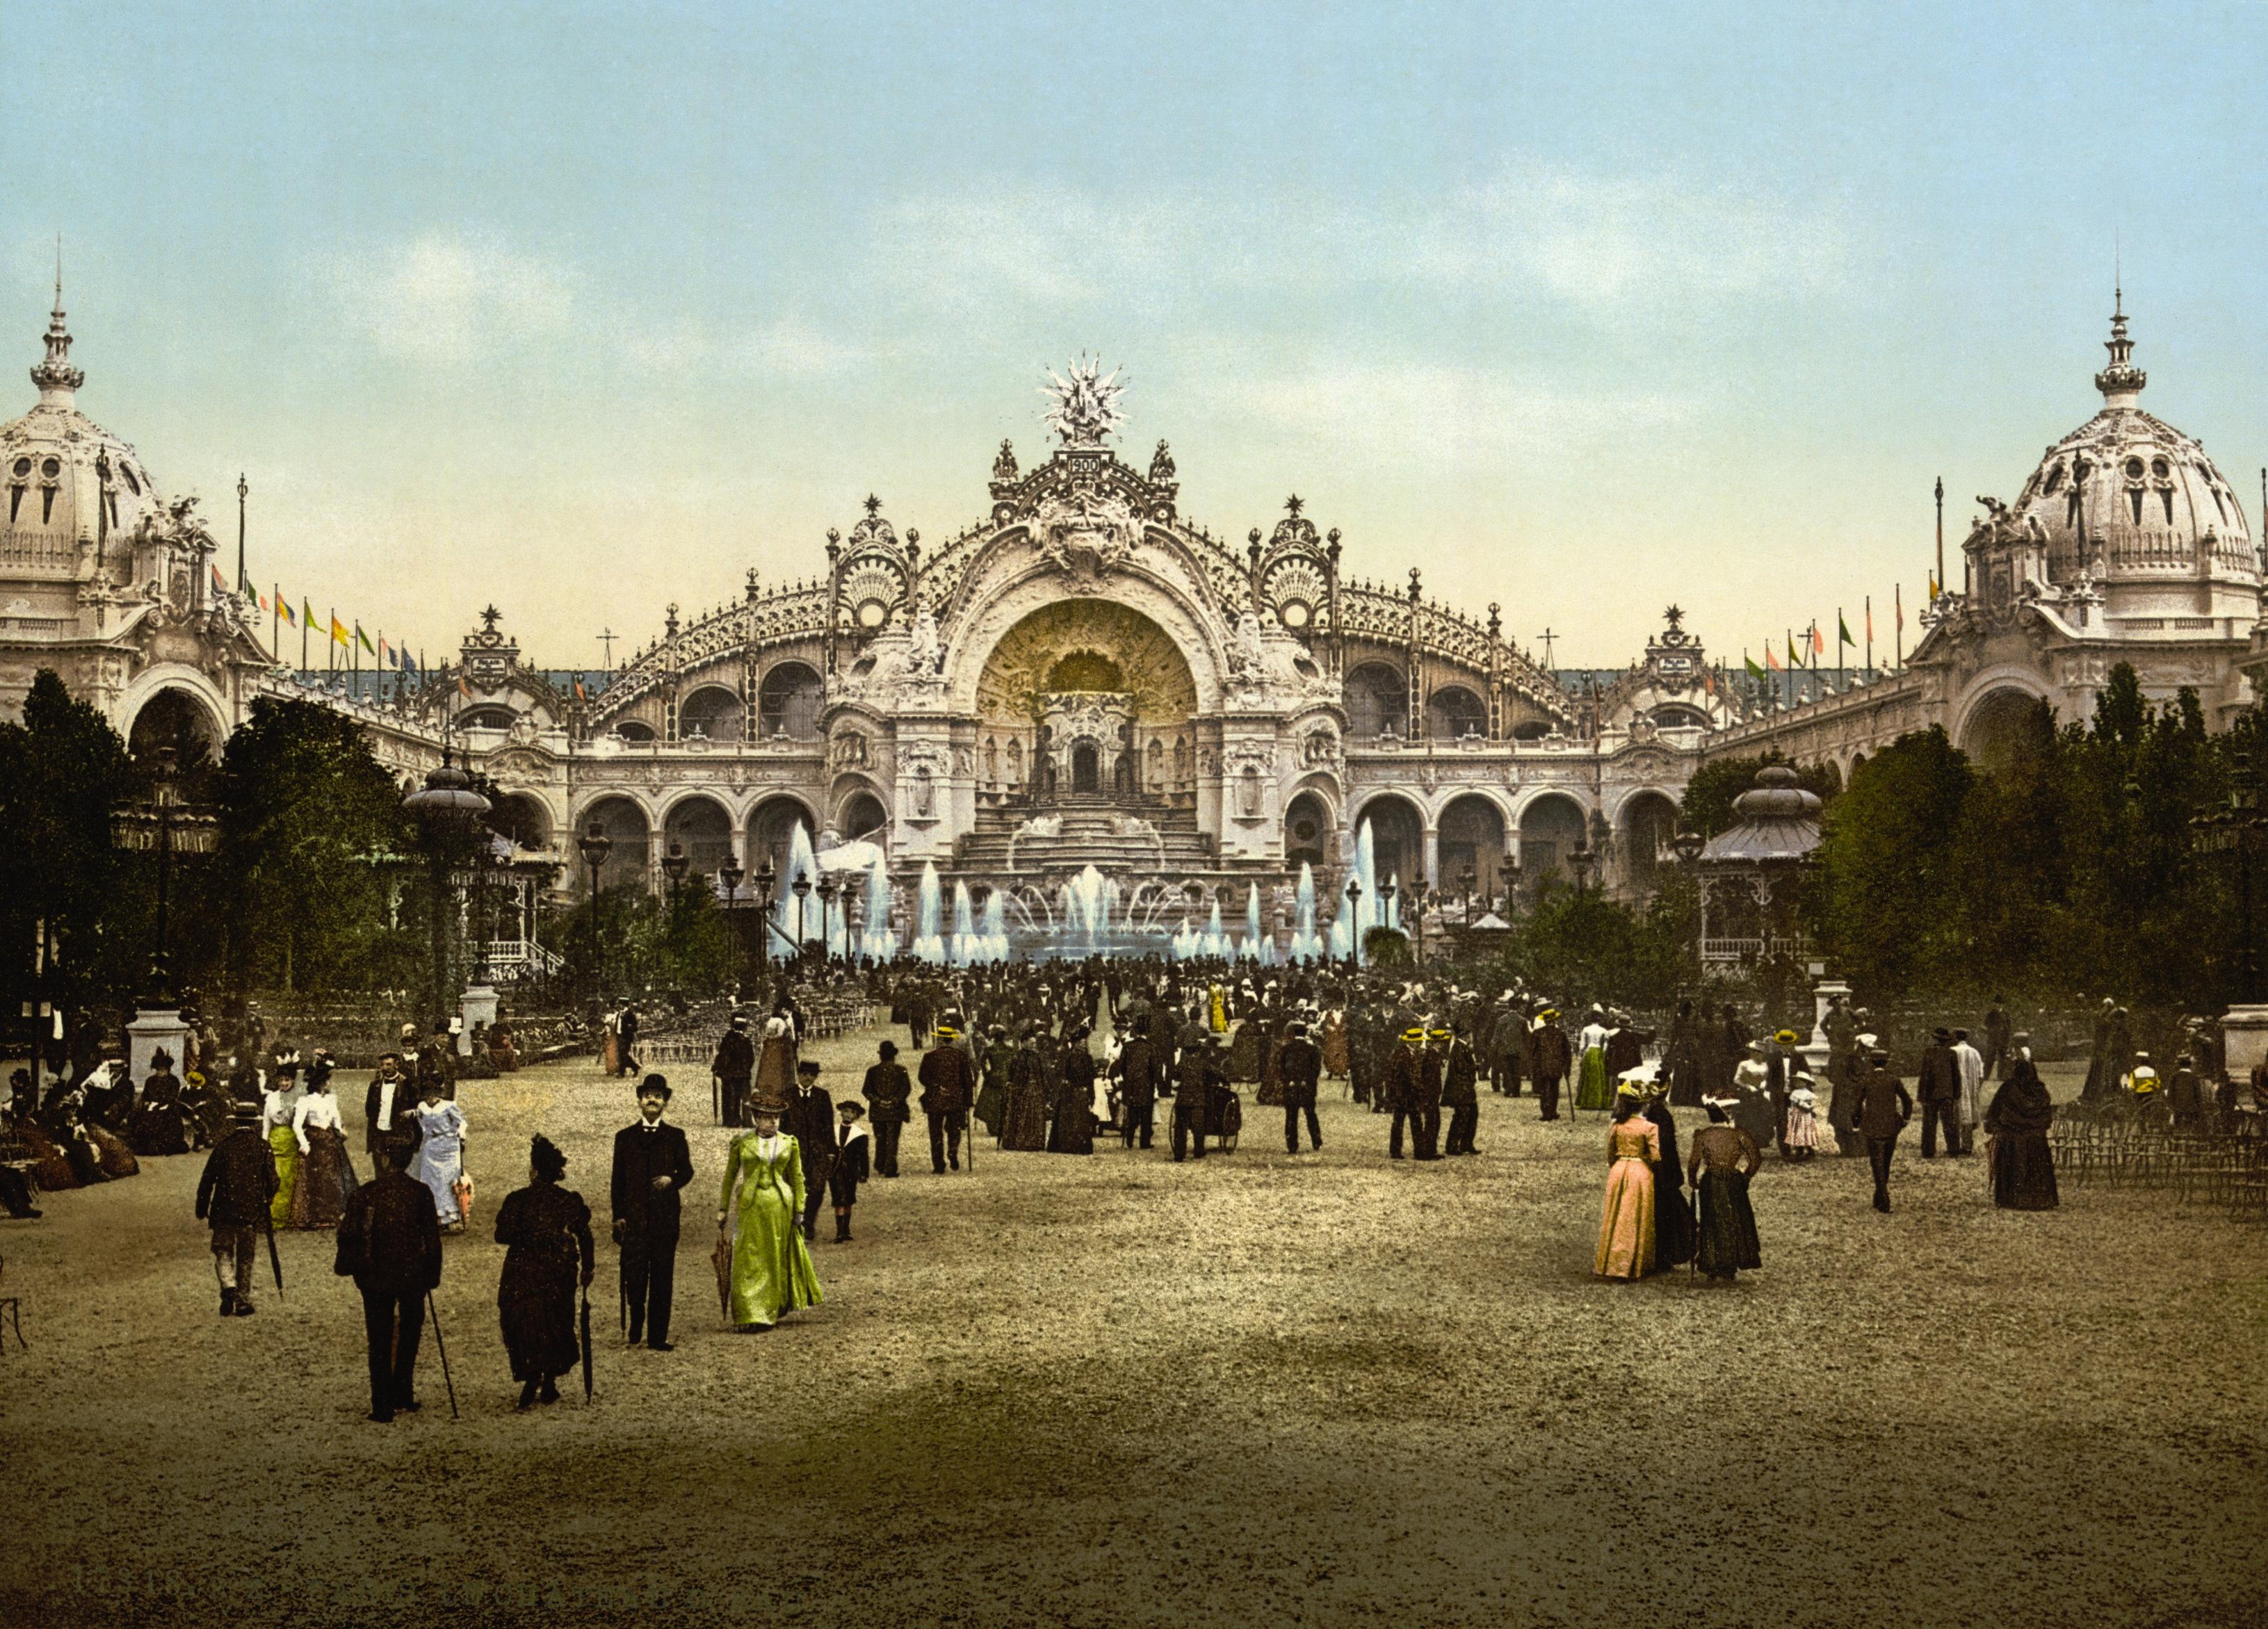 le palais de l 39 lectricit l 39 exposition internationale de 1900 paris le blog d 39 histoire. Black Bedroom Furniture Sets. Home Design Ideas